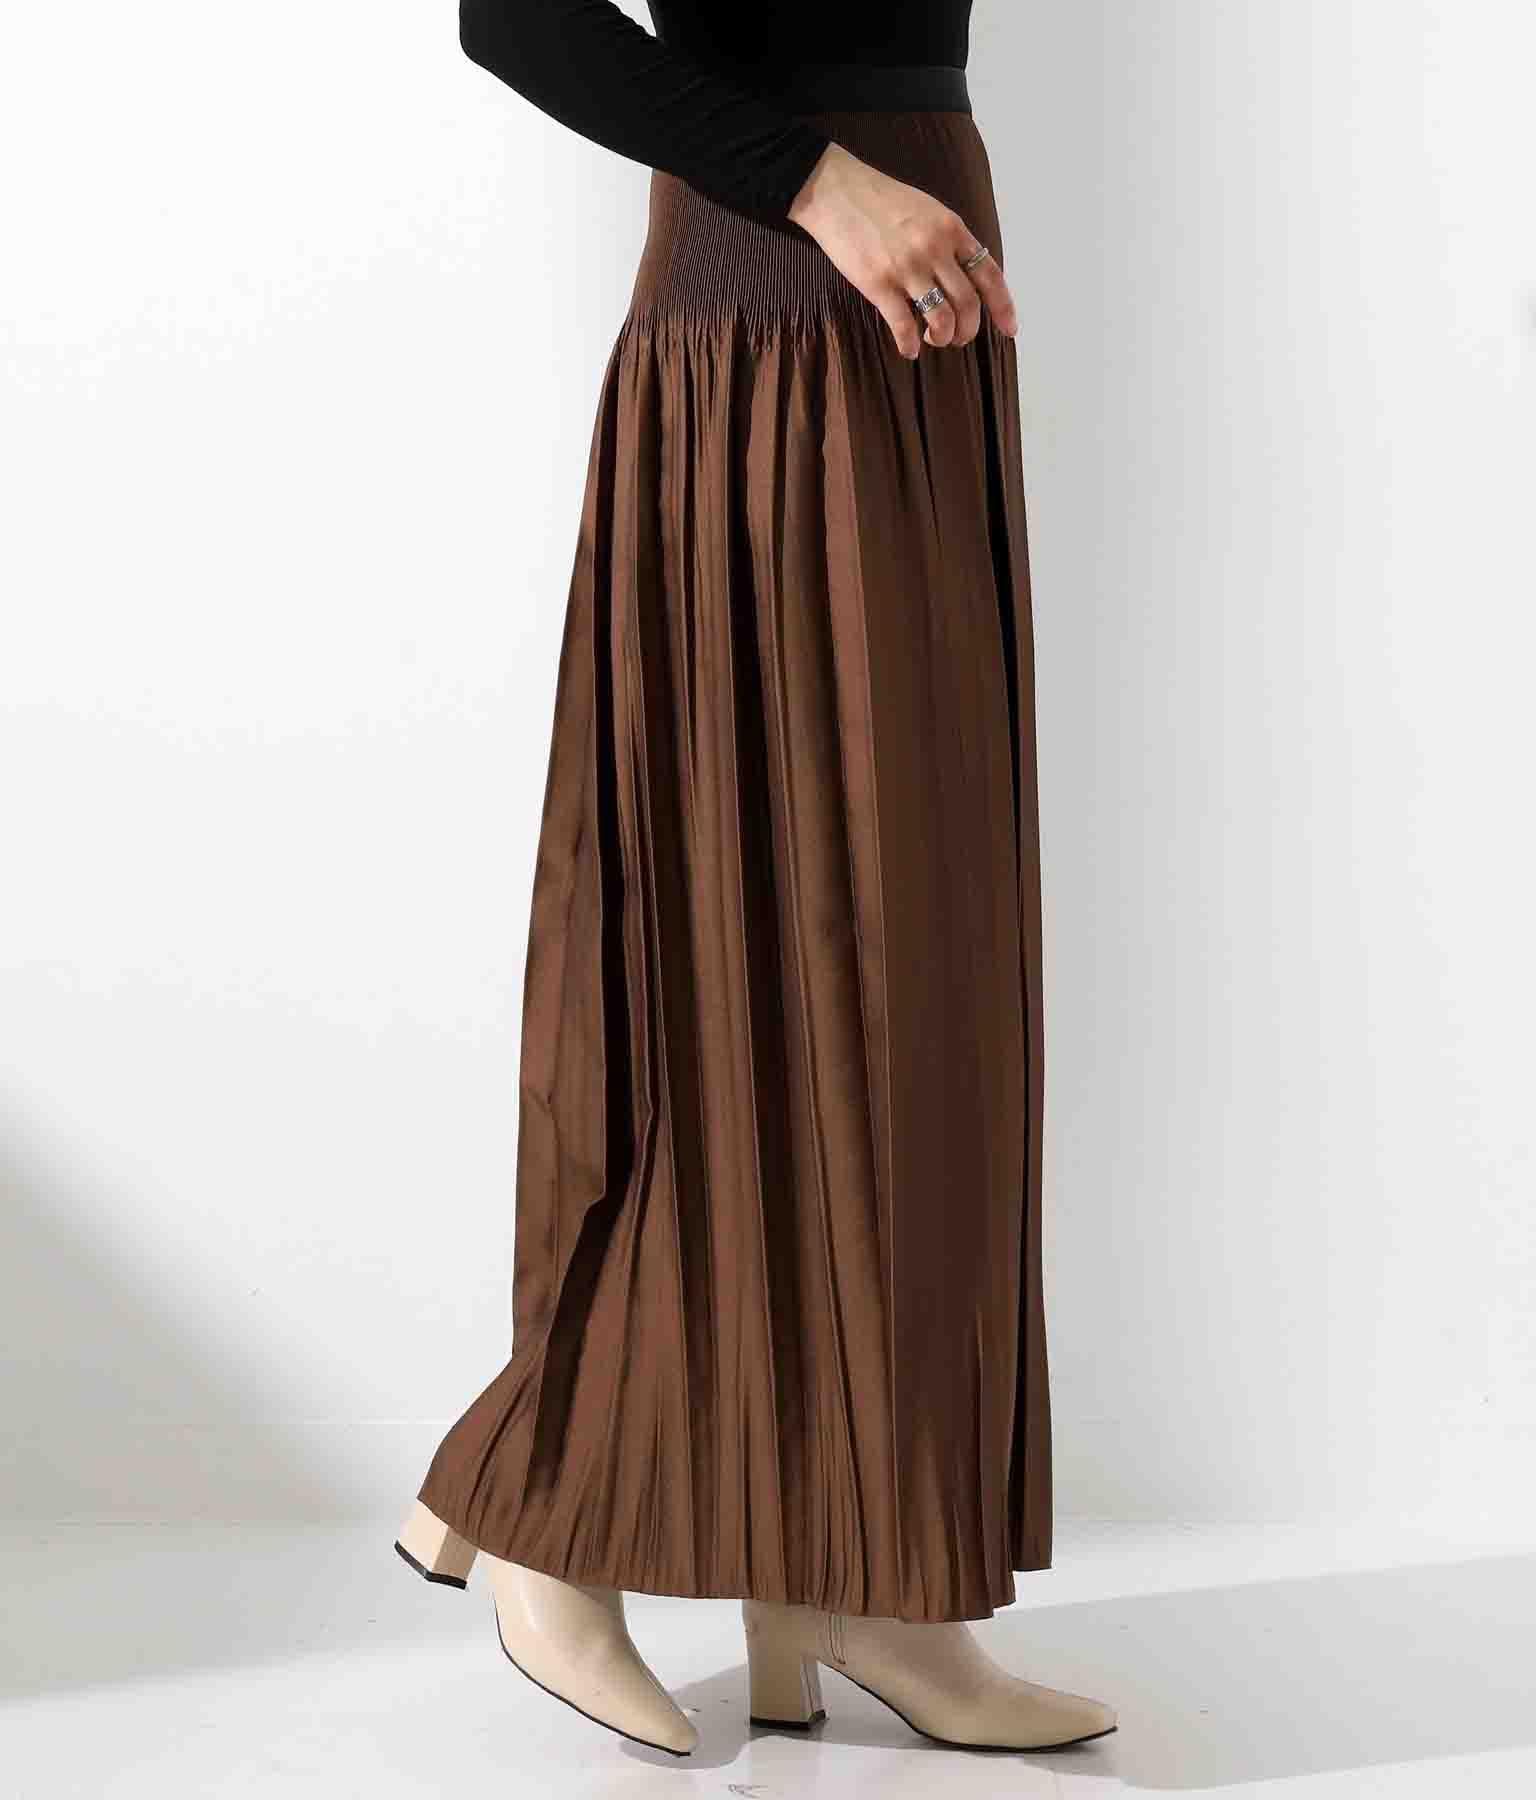 DollySeanジャガード細プリーツスカート(ボトムス・パンツ /スカート) | Settimissimo